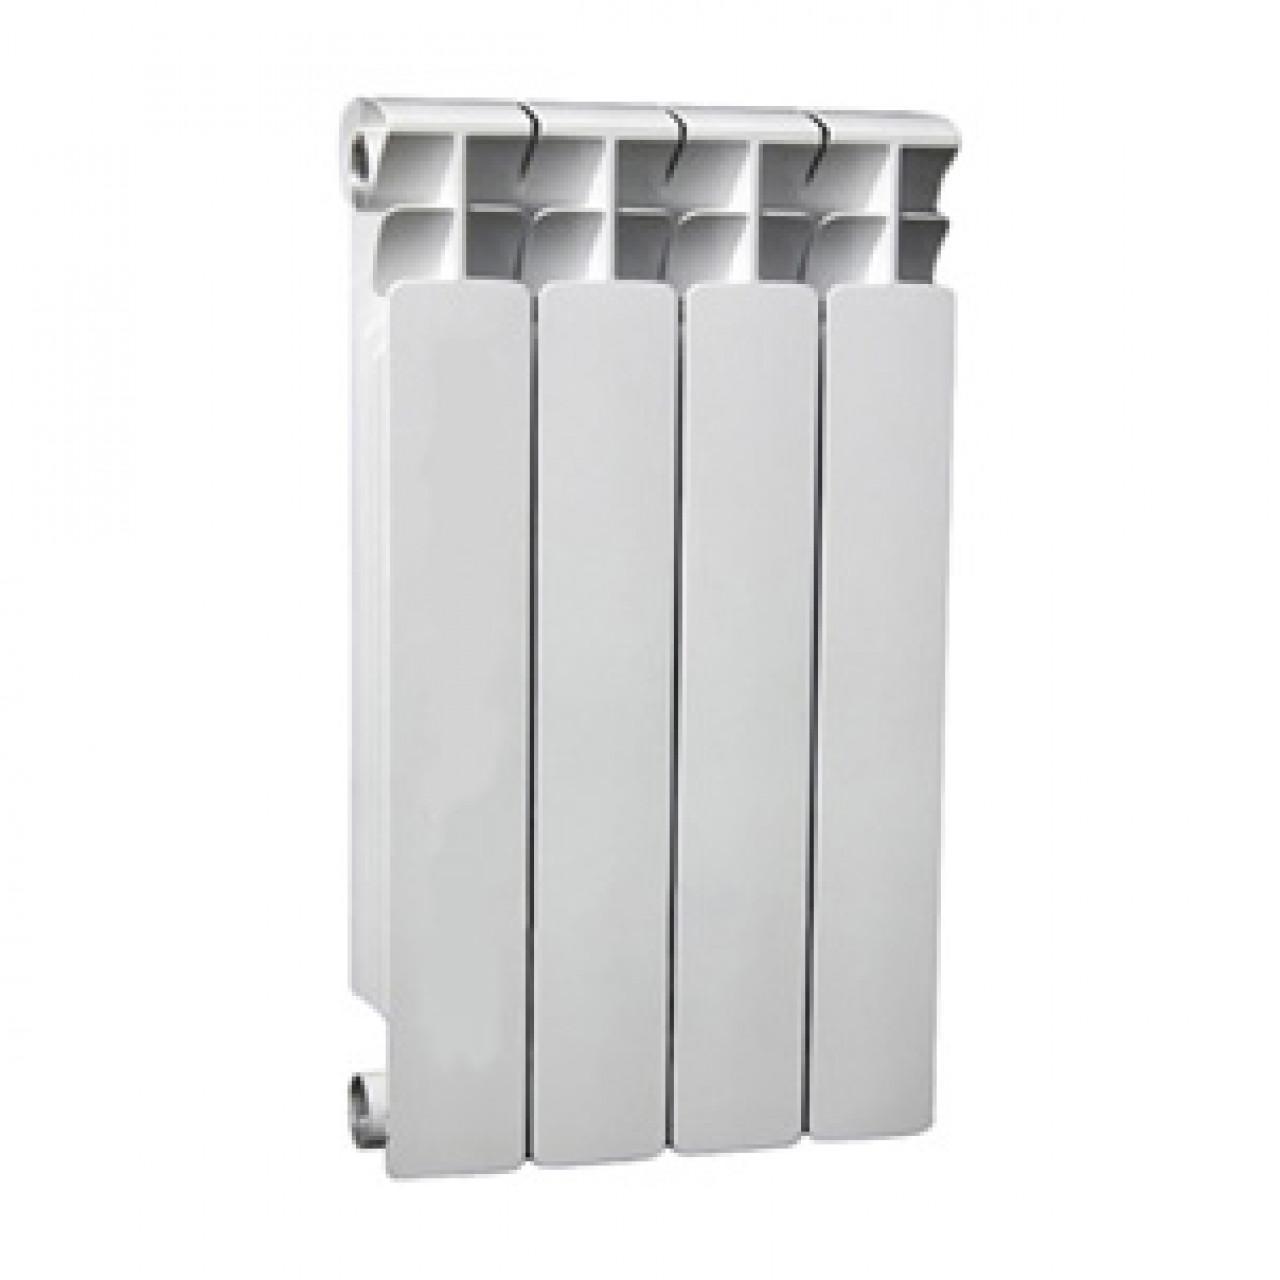 Радиатор водяной биметаллический Rifar Base 500 4 секции купить в Москве по цене от 2700р. в интернет-магазине mebel-v-vannu.ru